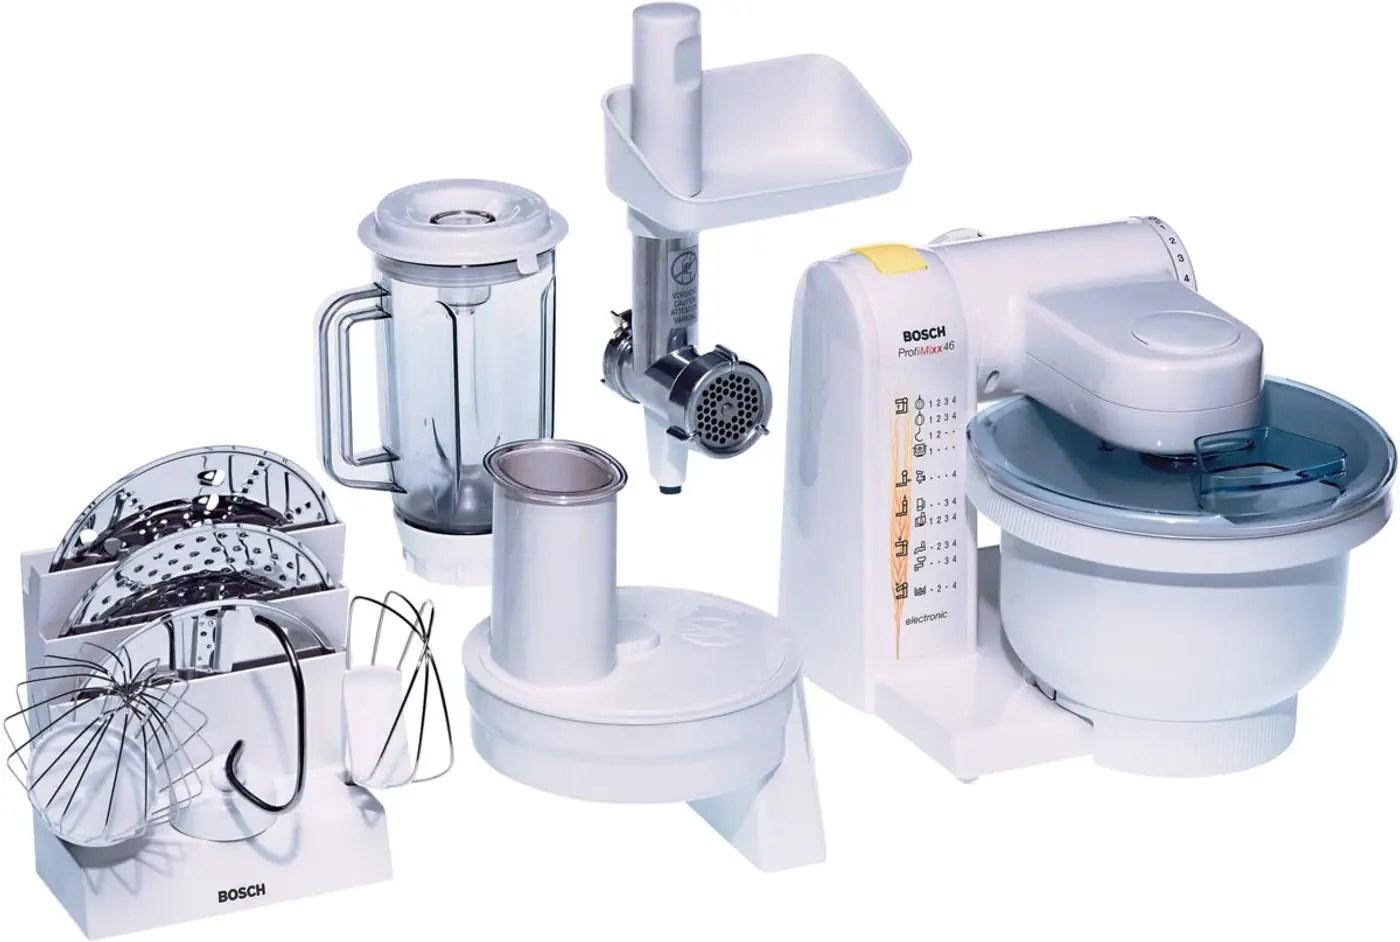 Bosch Kühlschrank Handbuch : Bosch küchenmaschine anleitung bosch küchenmaschine anleitung